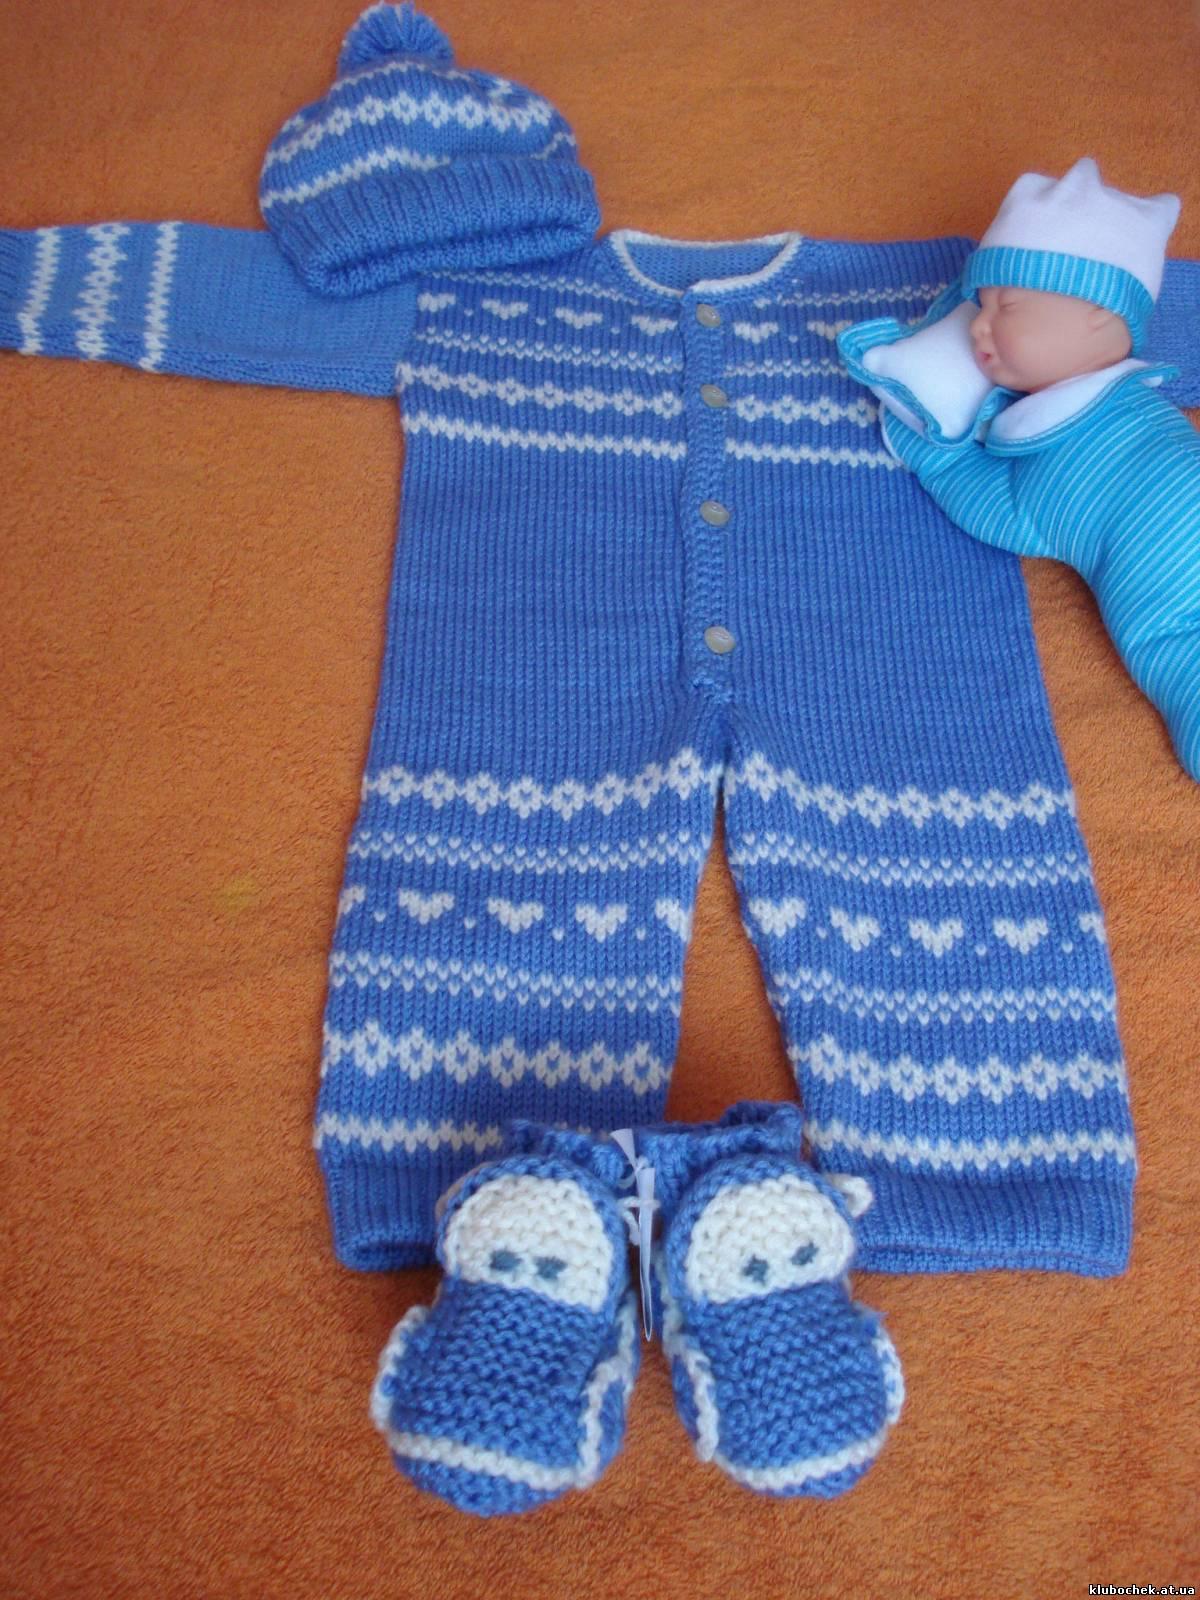 Вязание крючком для мальчика от о до 6 месяцев9